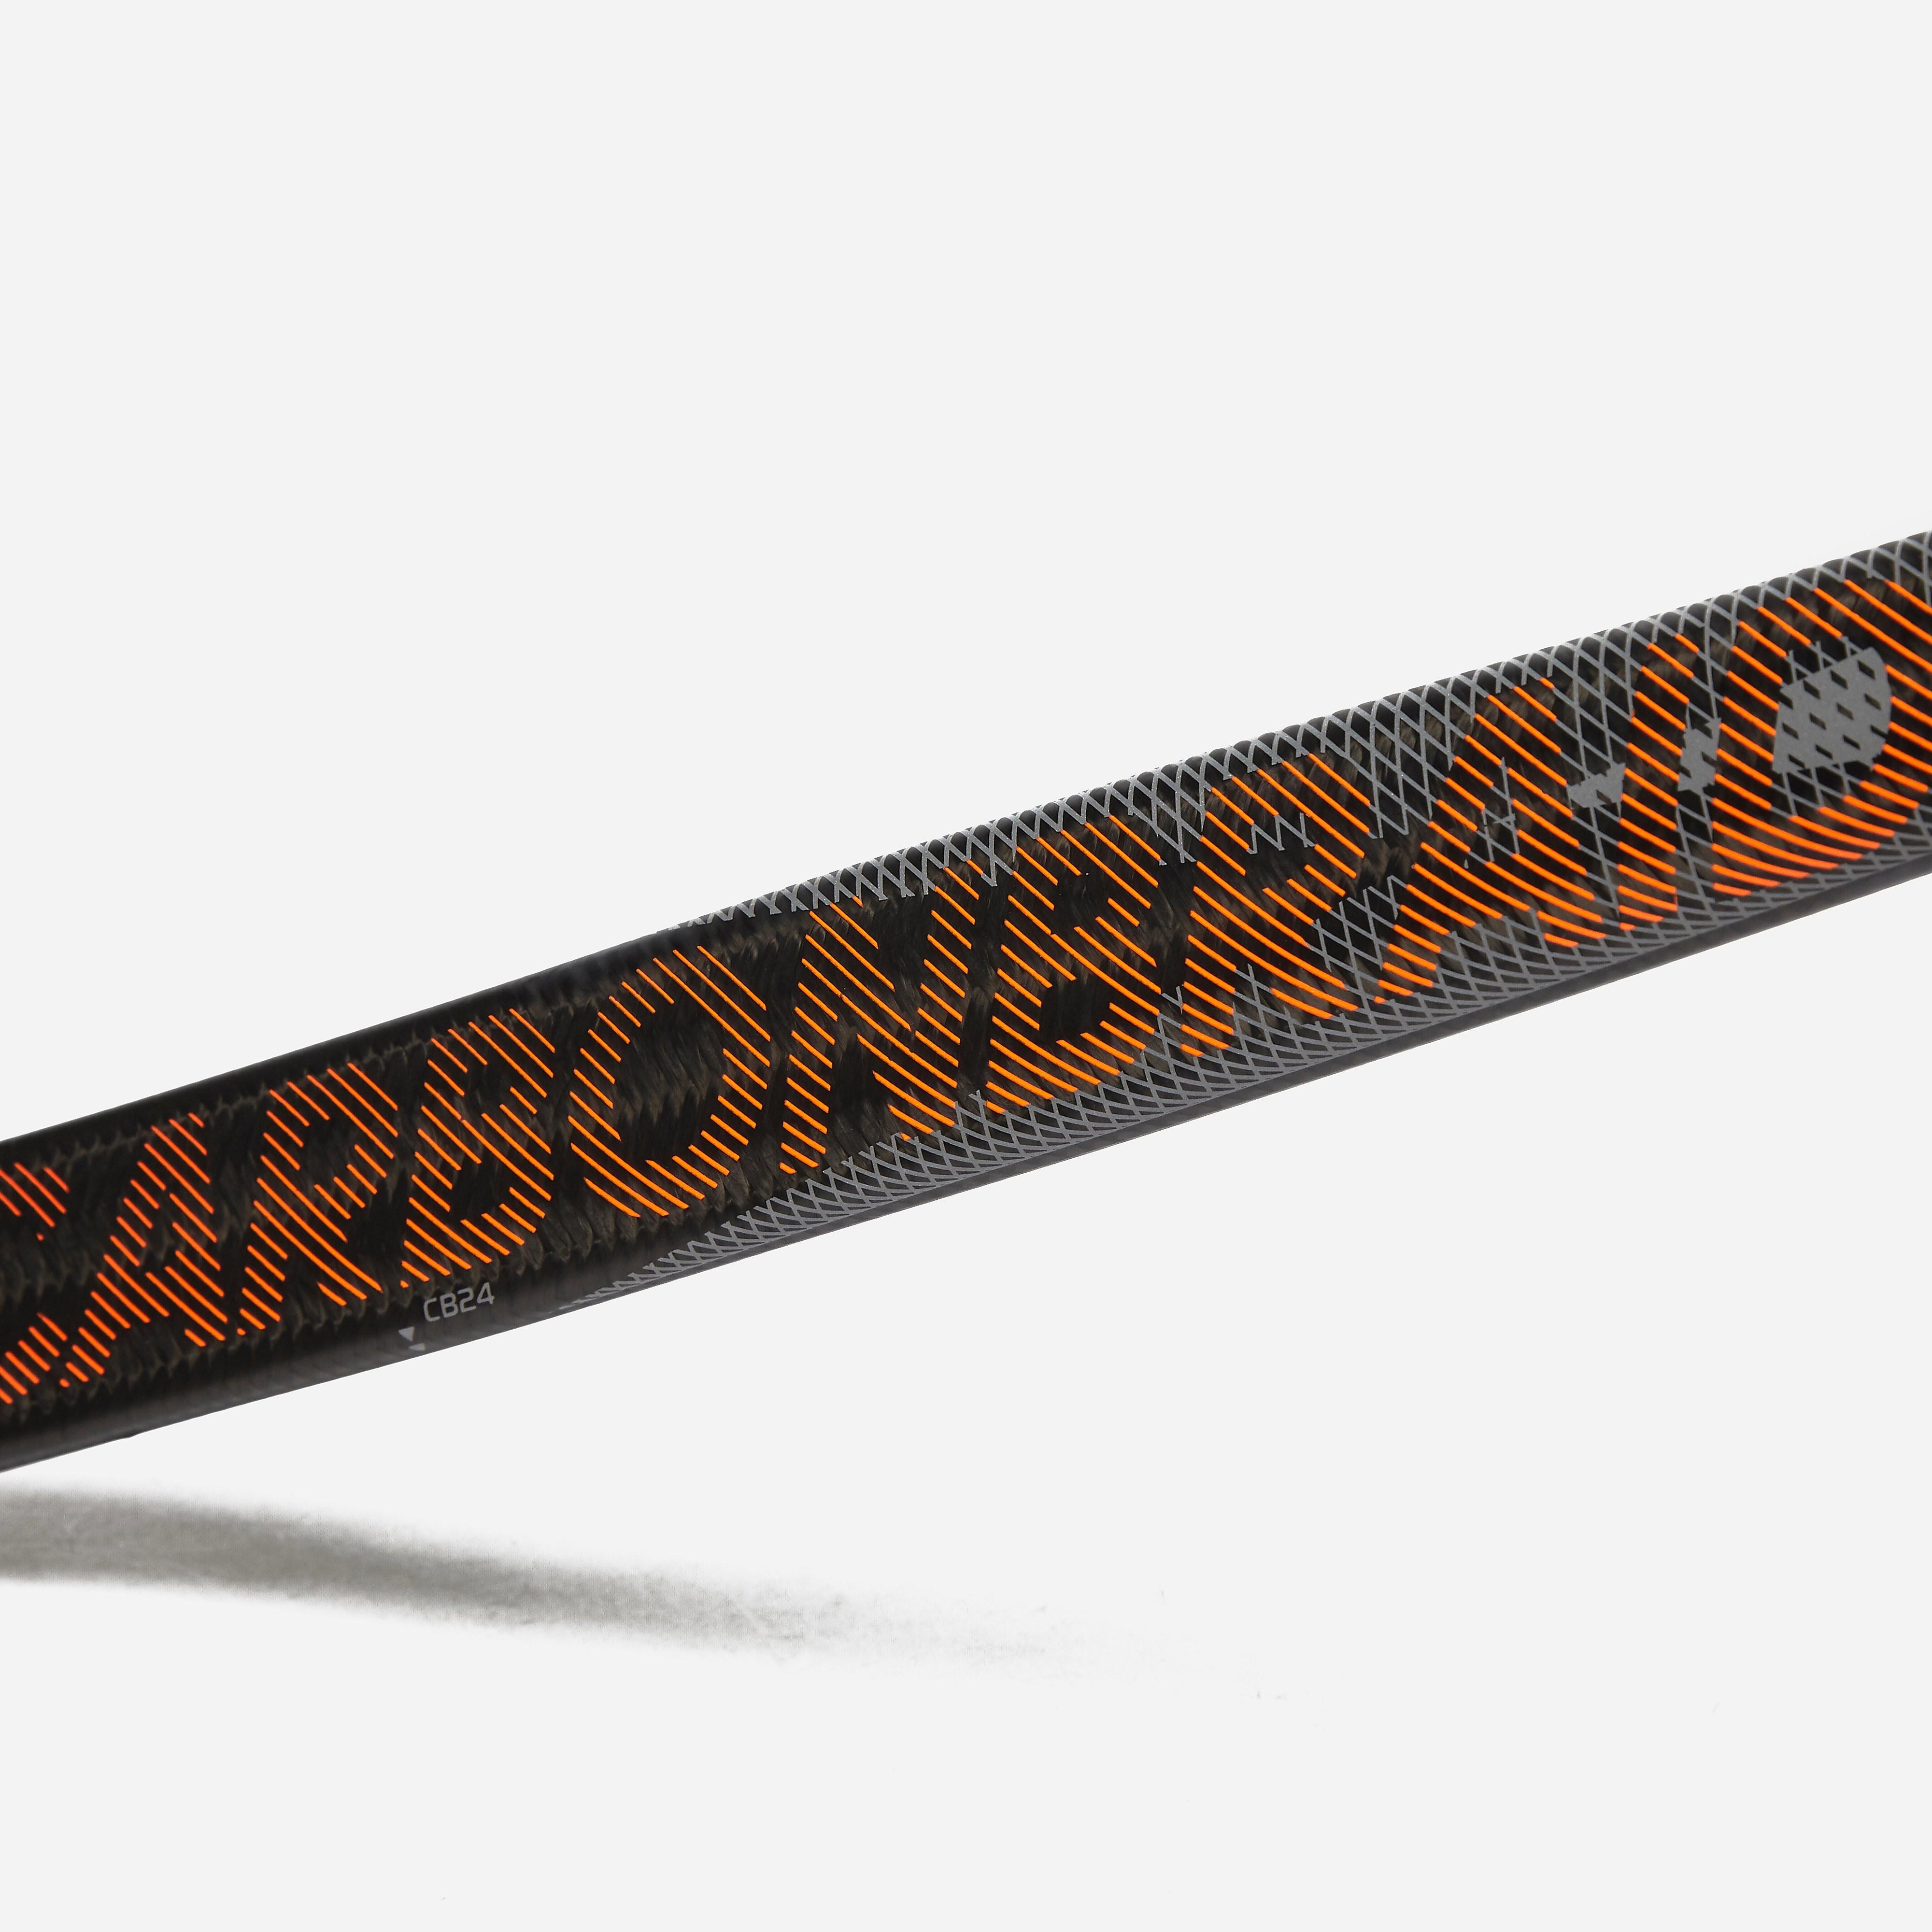 adidas Carbonbraid 2 Hockey Stick